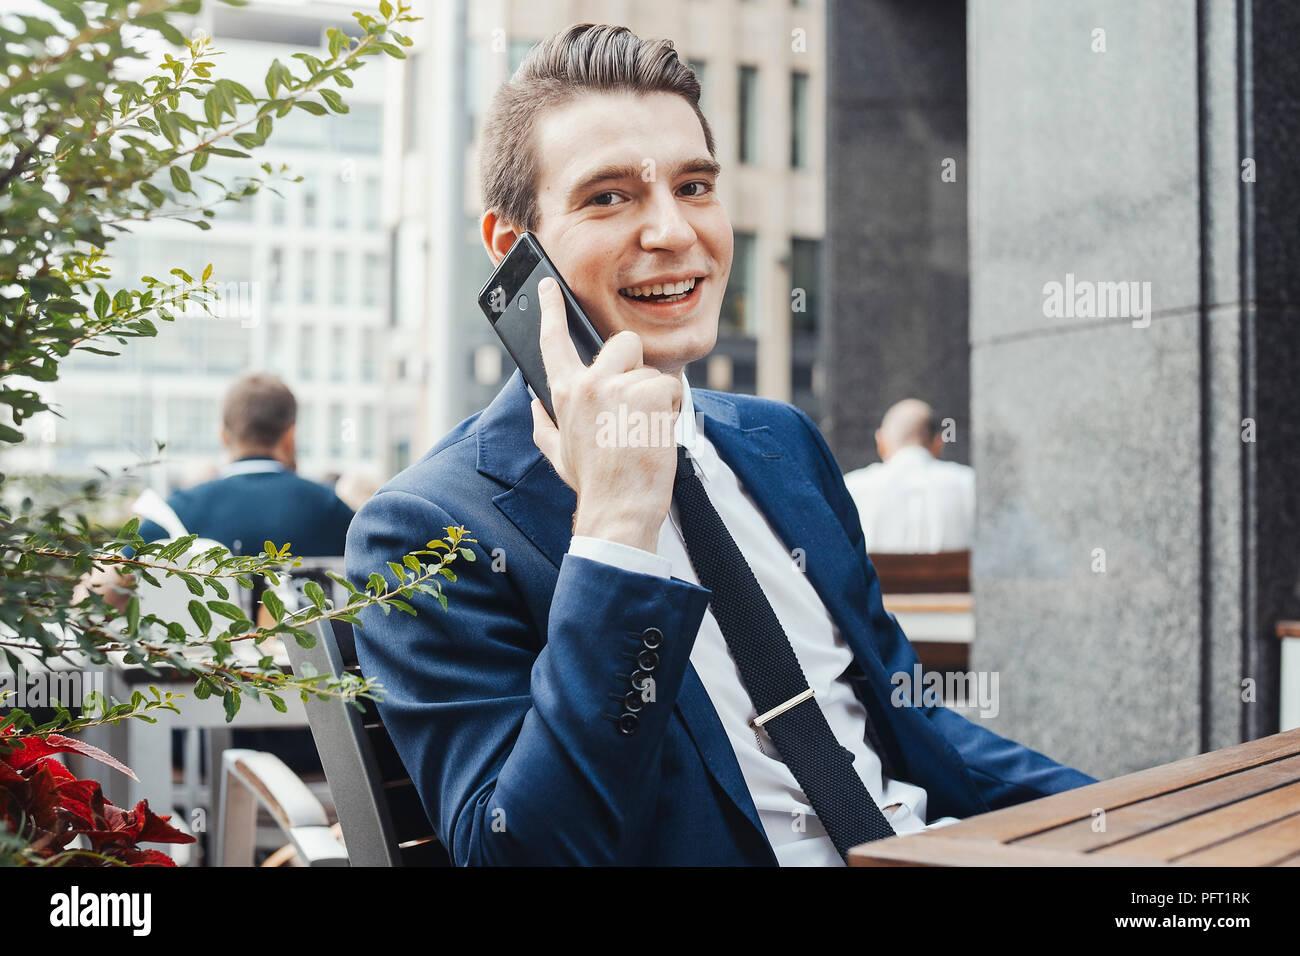 Junge attraktive Geschäftsmann Gespräch per Handy und Viewer. Stockbild